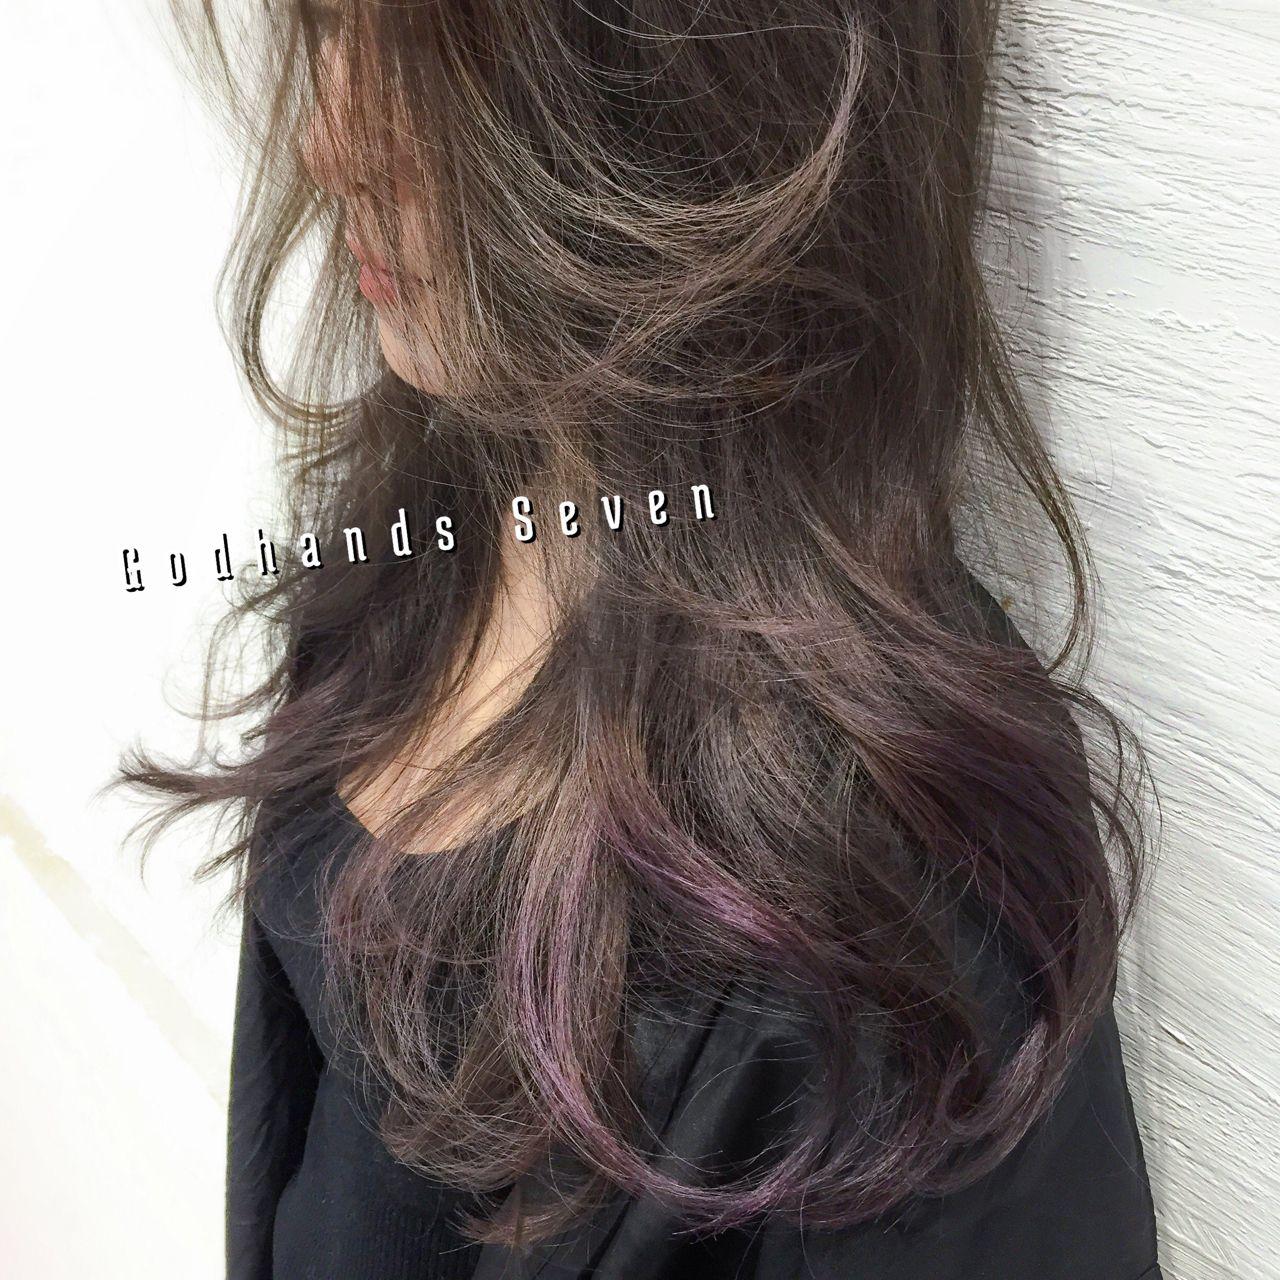 ショート ロング 暗髪 ウェットヘア ヘアスタイルや髪型の写真・画像 | Seven /